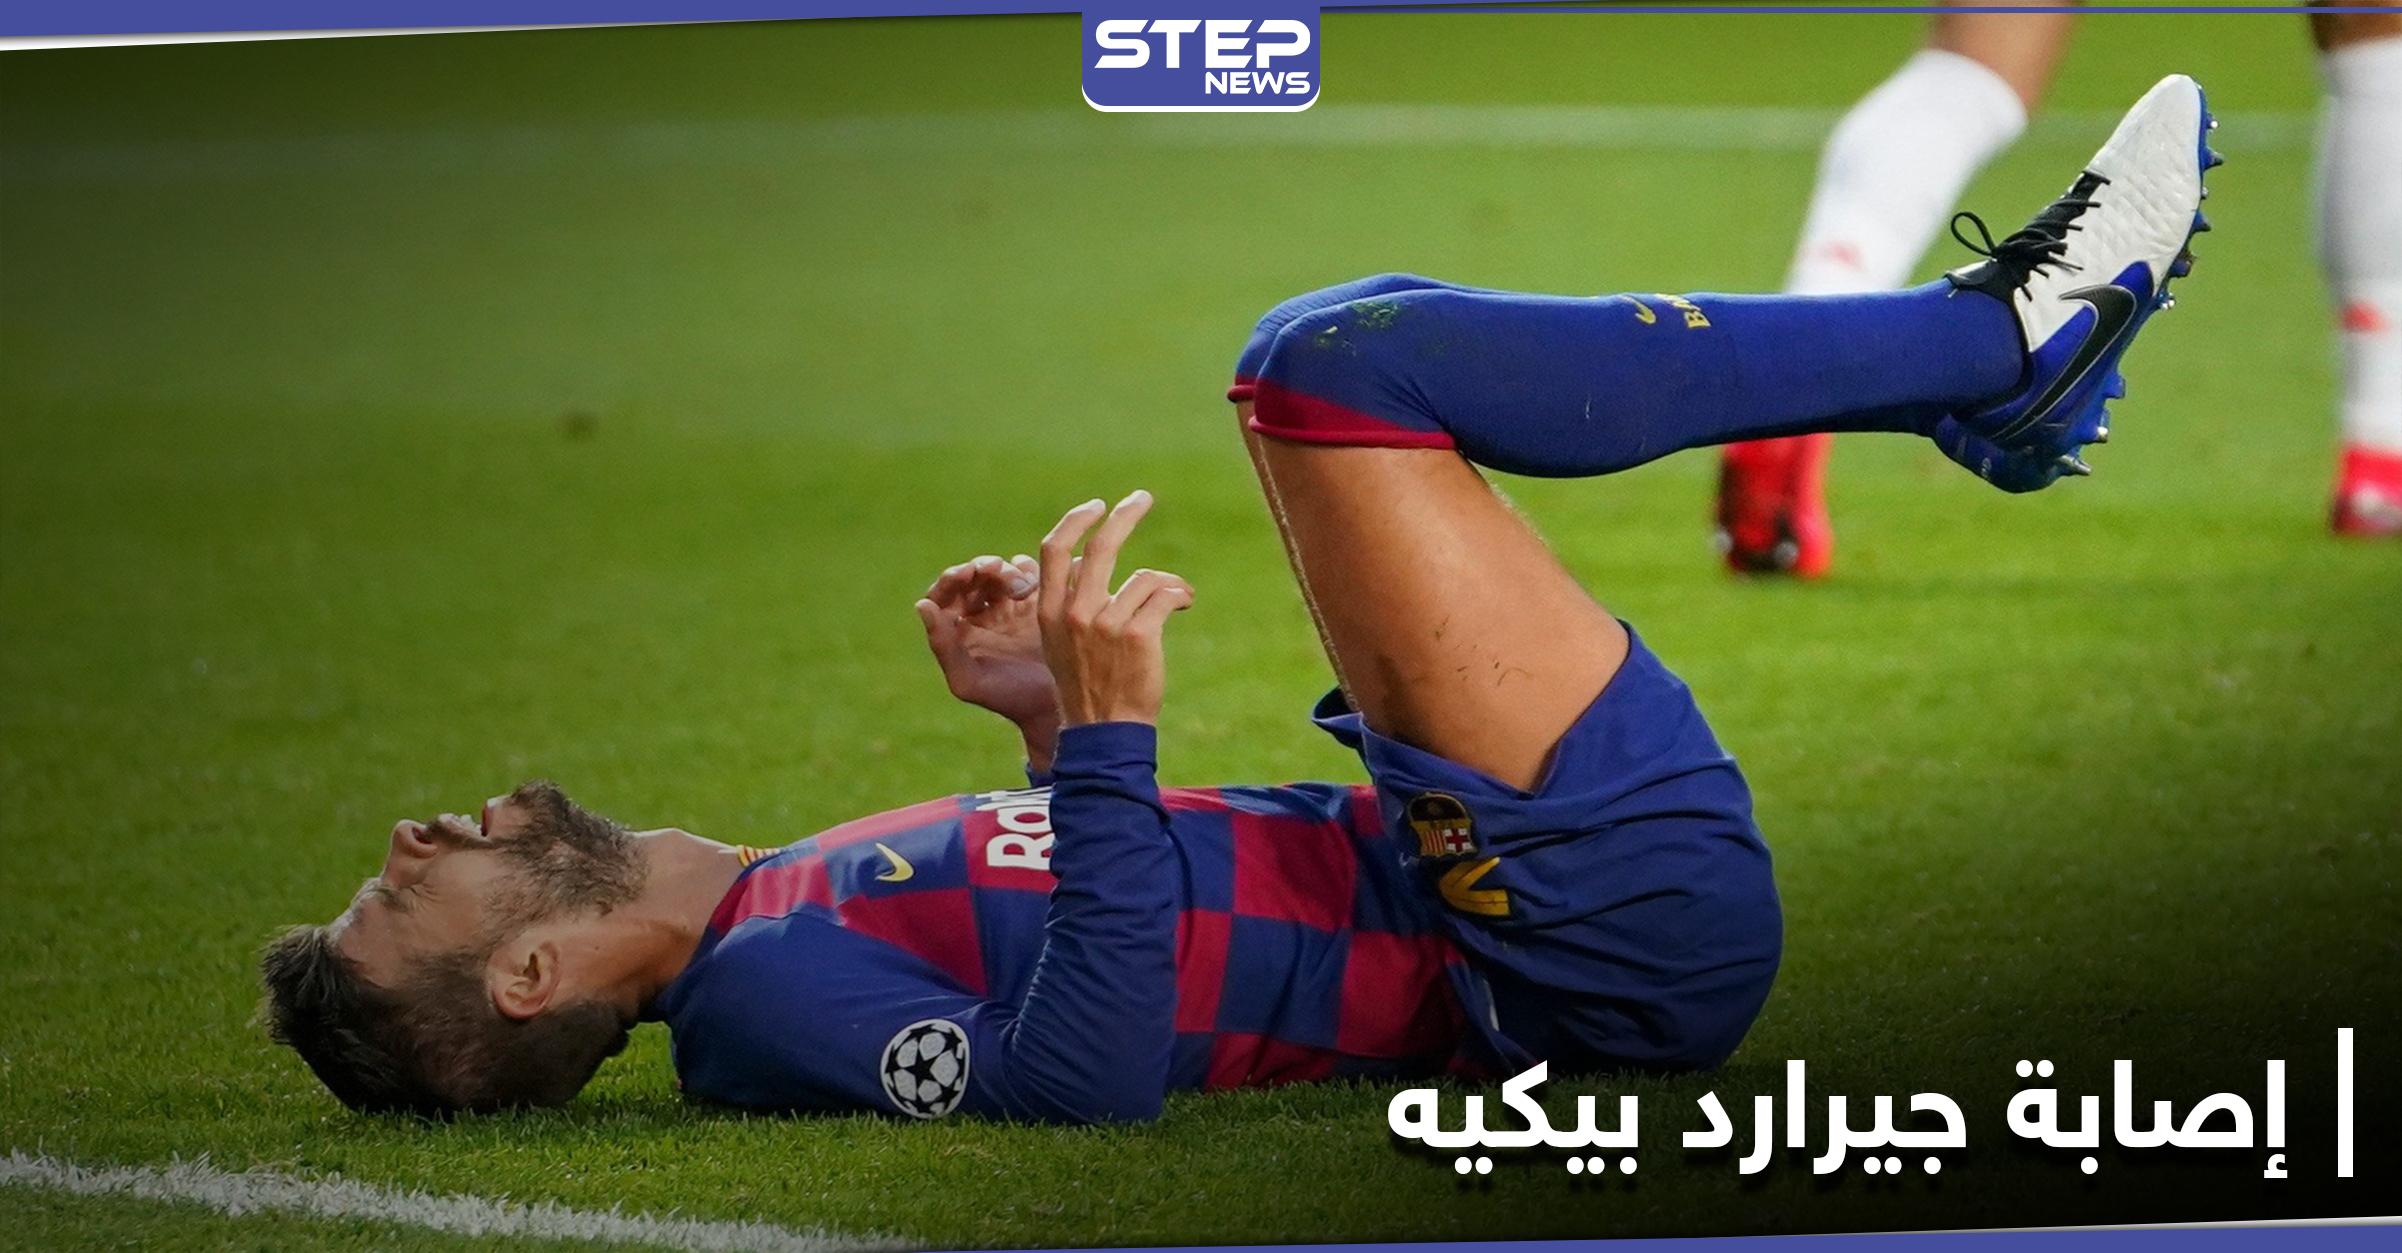 برشلونة يعلن عن إصابة بيكيه ومدة غيابه.. وفترة حرجة تحاصر النادي